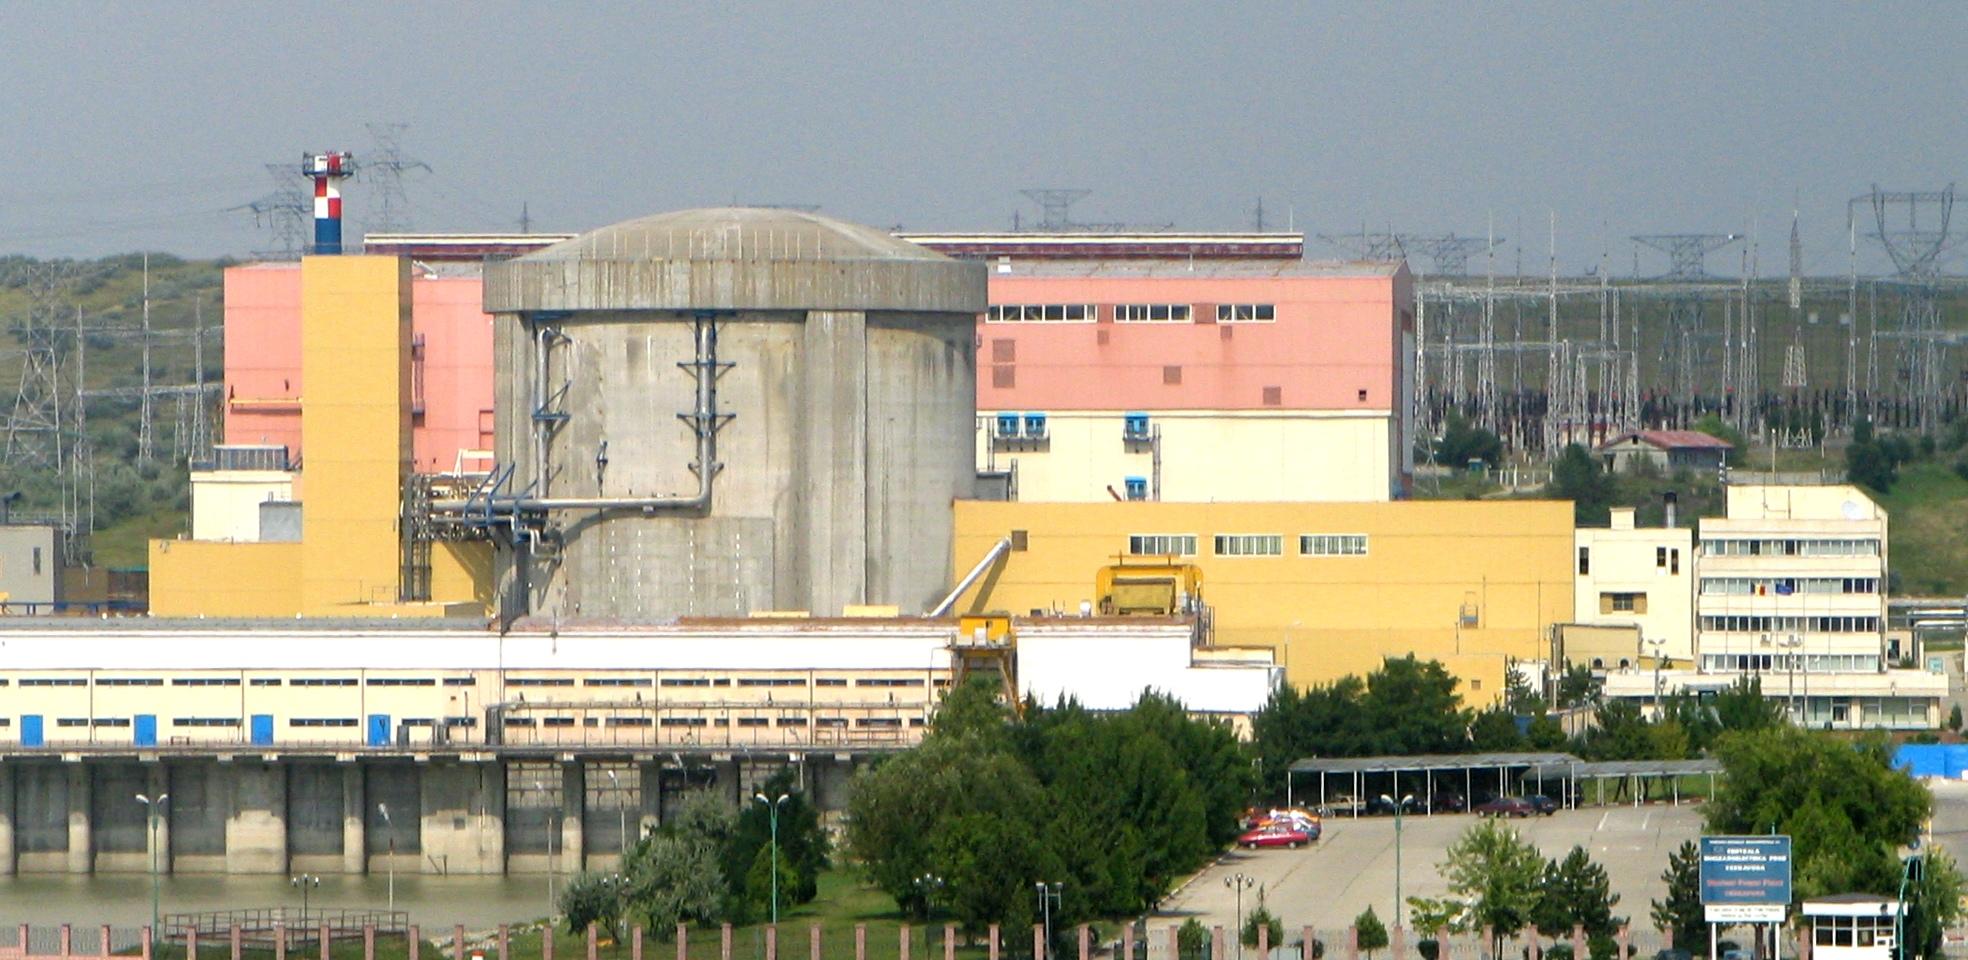 Cernavoda nuclear power plant: unit 2